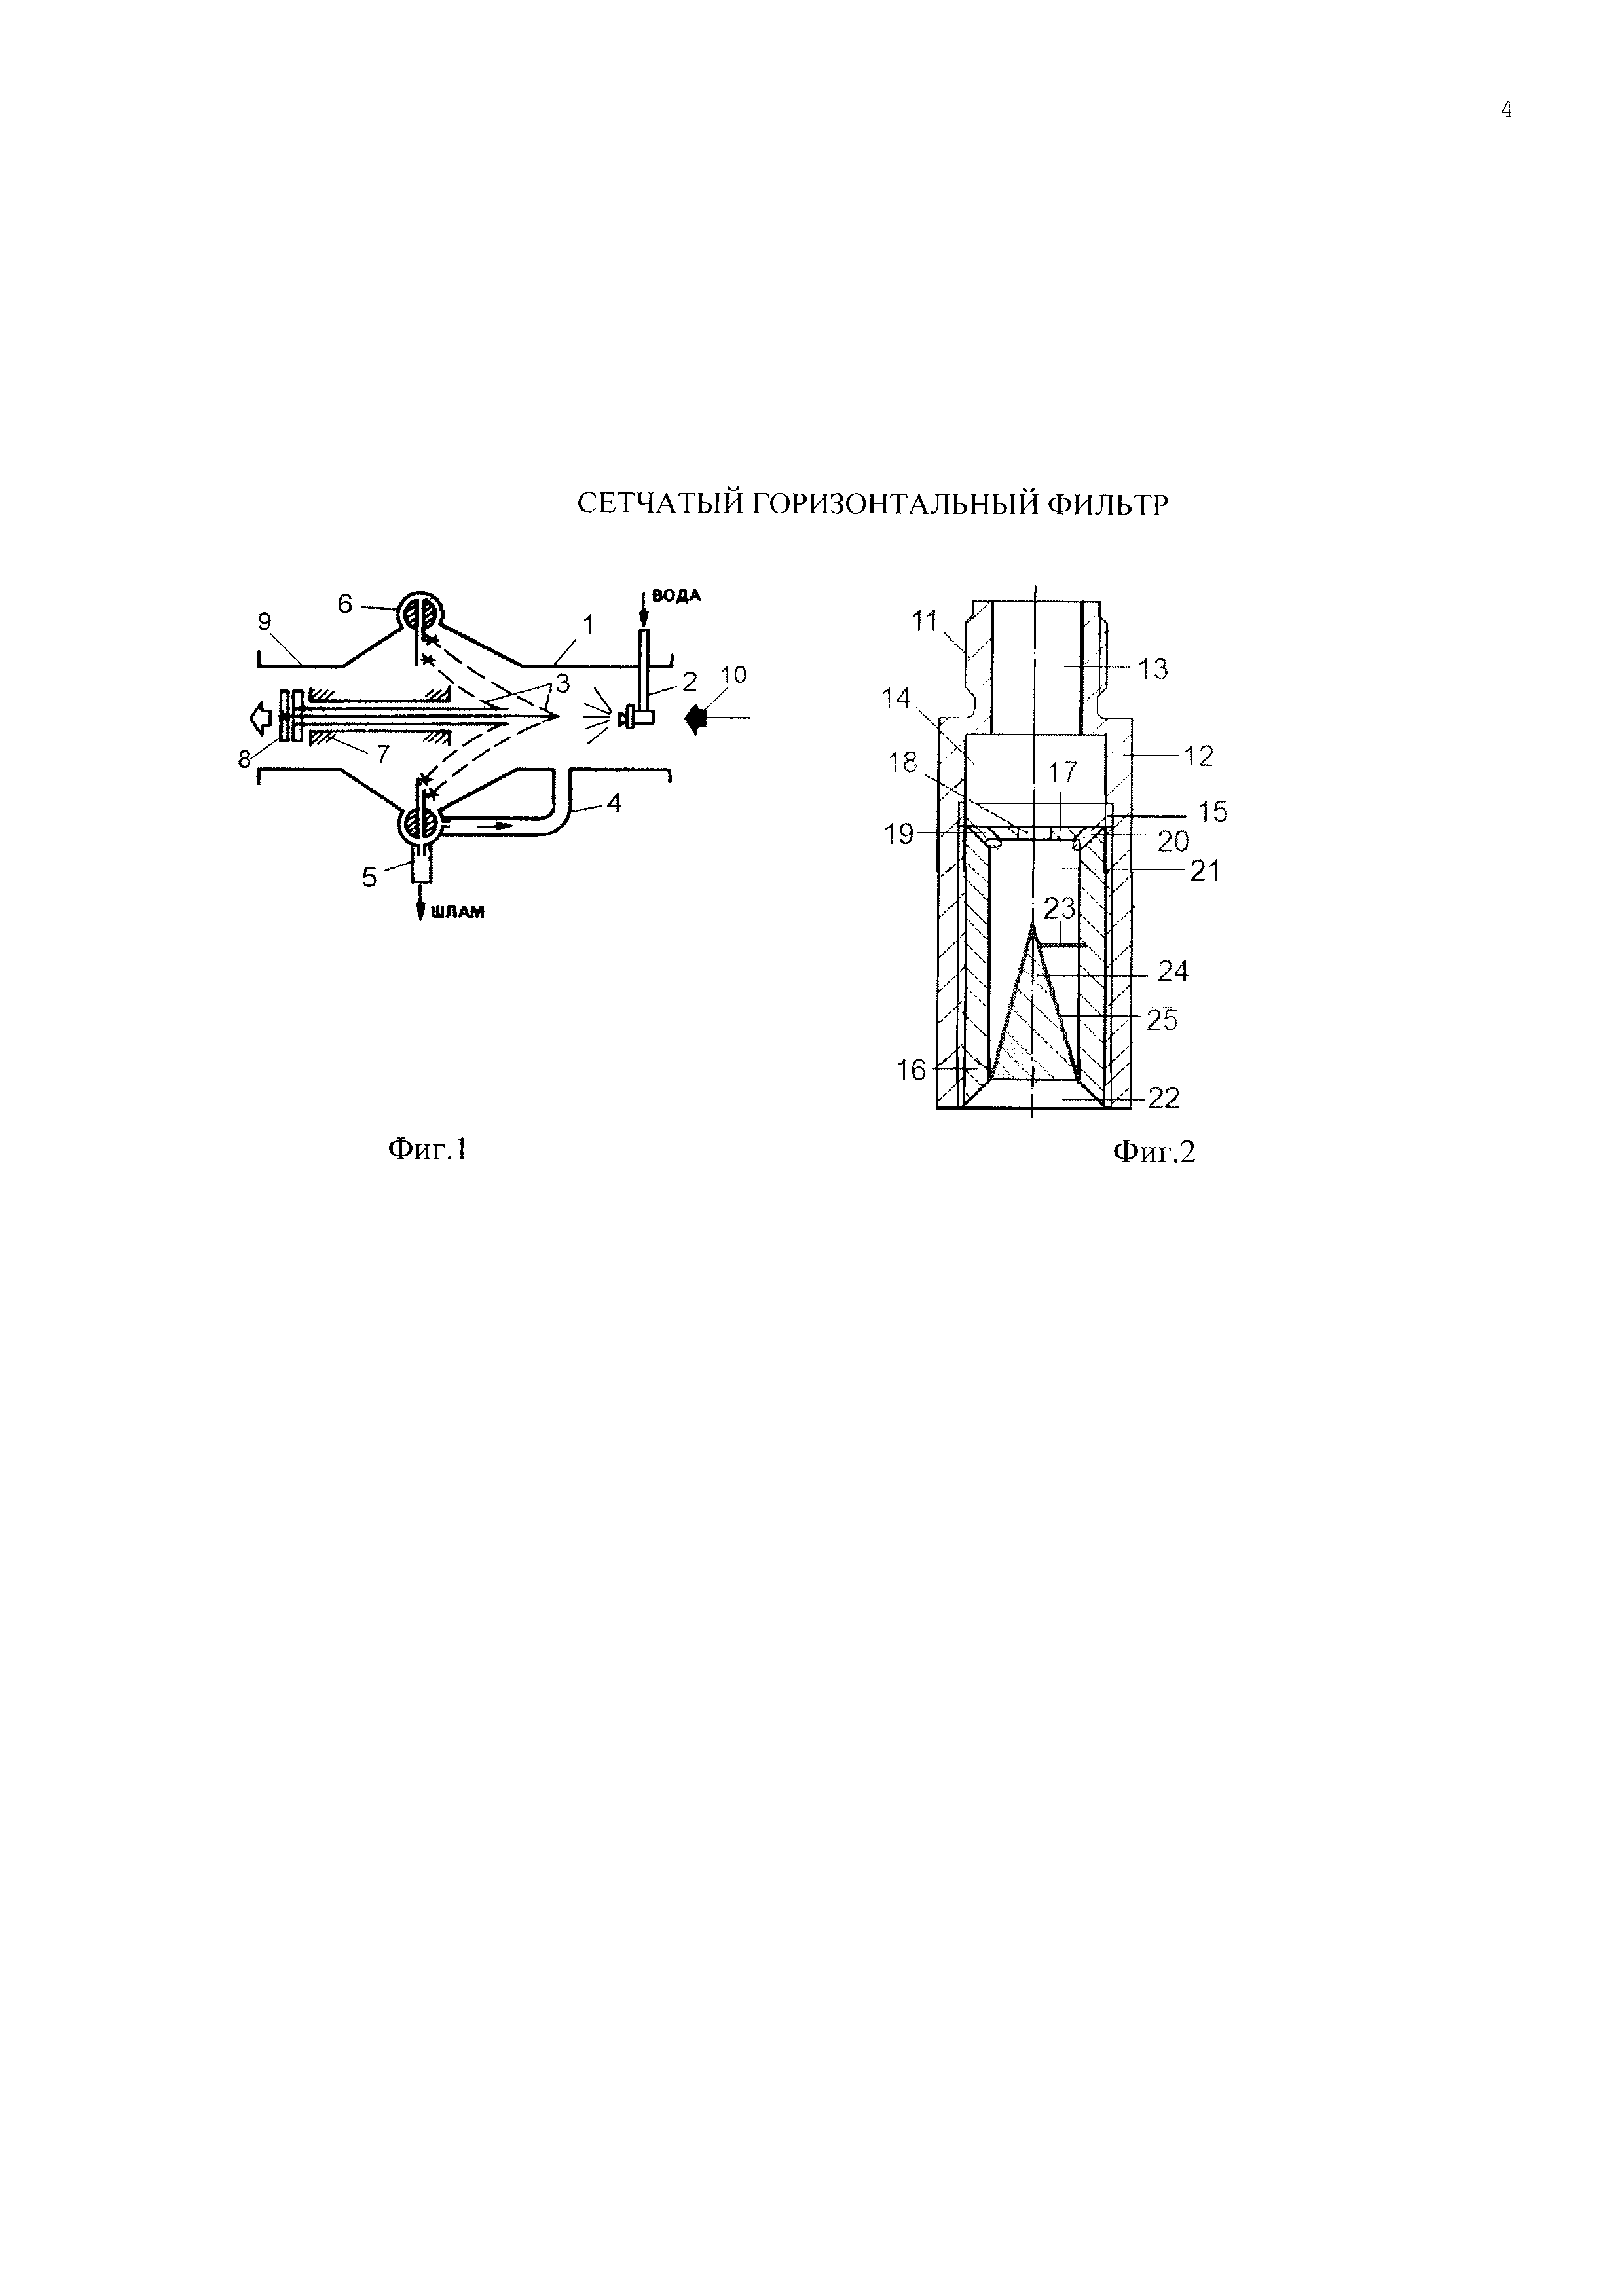 Сетчатый горизонтальный фильтр